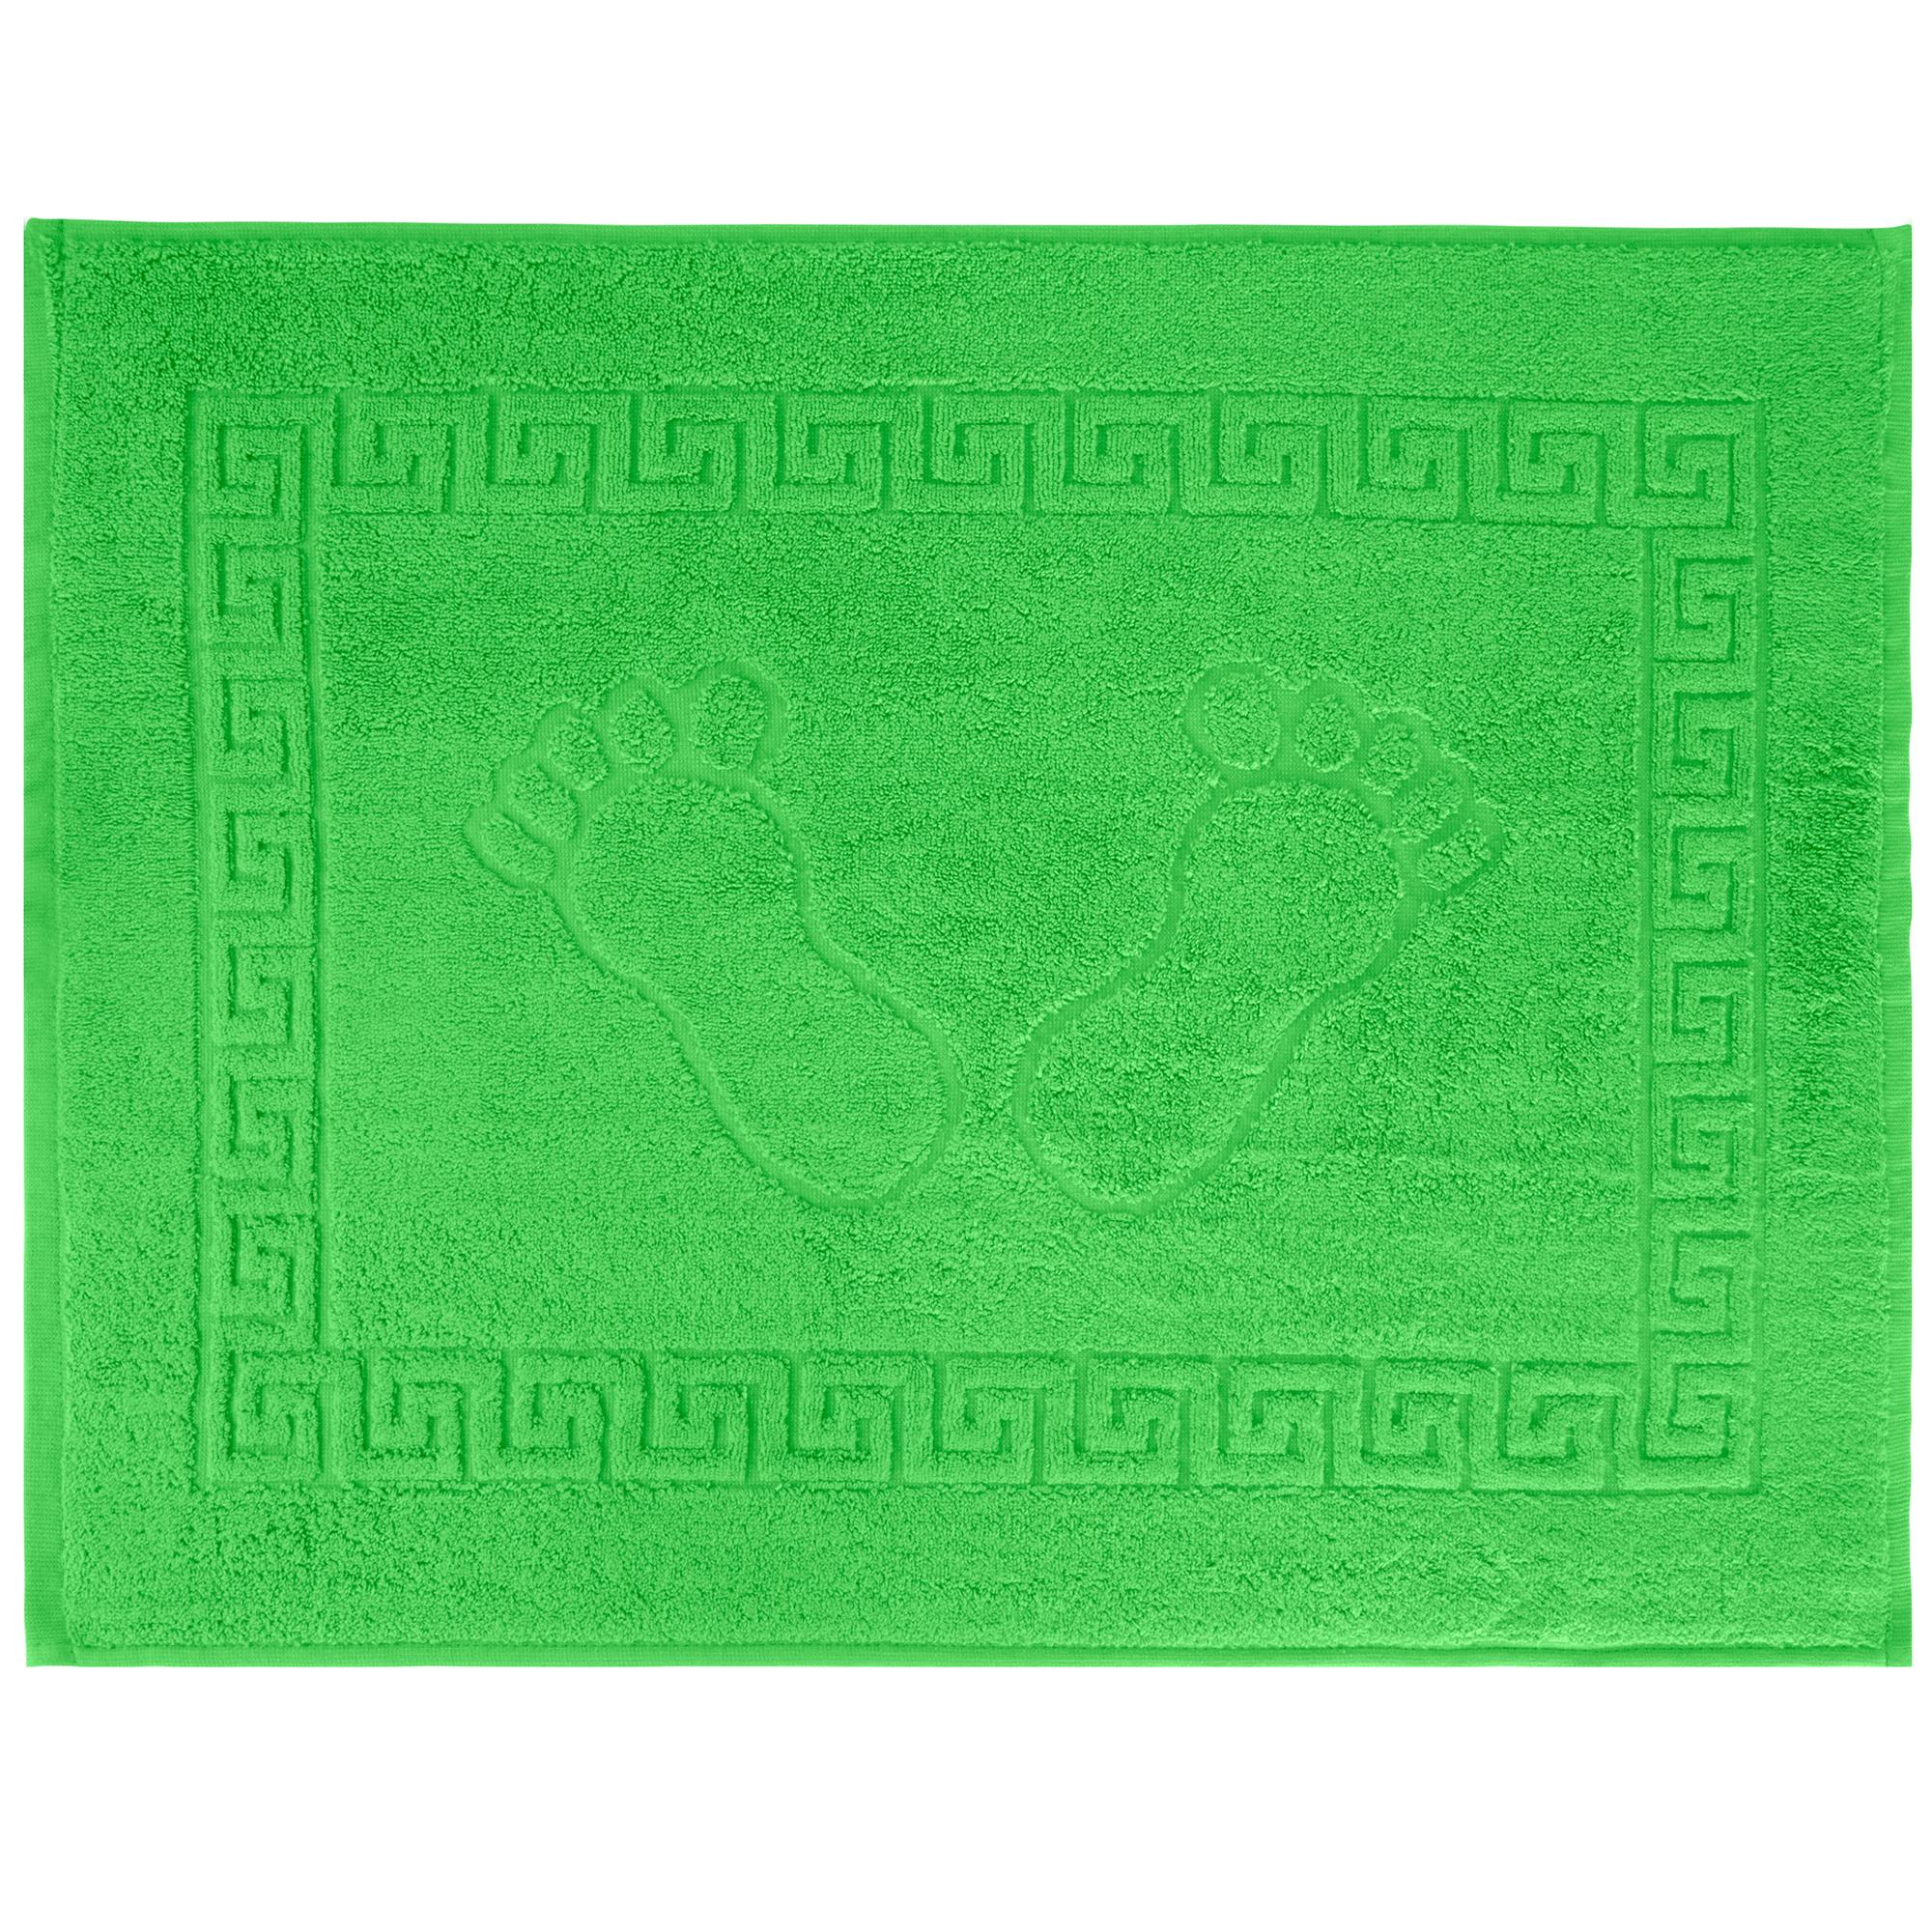 Farbe:Teal Mixibaby Duschvorleger Badvorleger Badematte Badteppich 700 g//m/² Frottee 50x70 cm